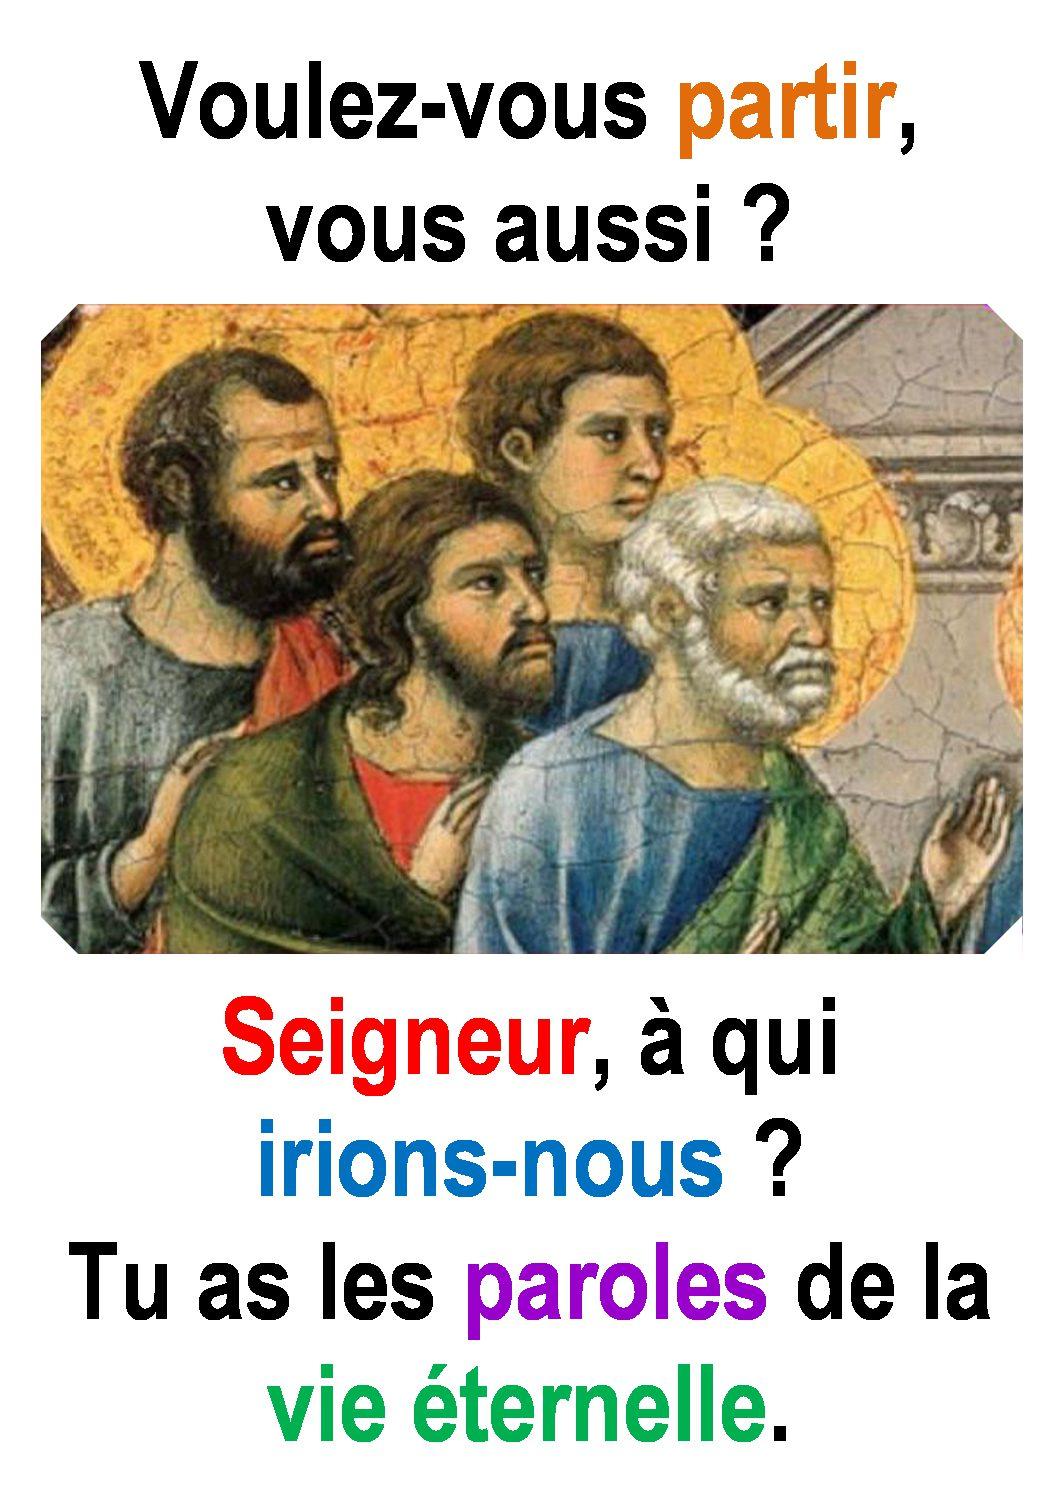 21ième Dimanche du Temps Ordinaire – par Francis COUSIN (Jn 6, 60-69)